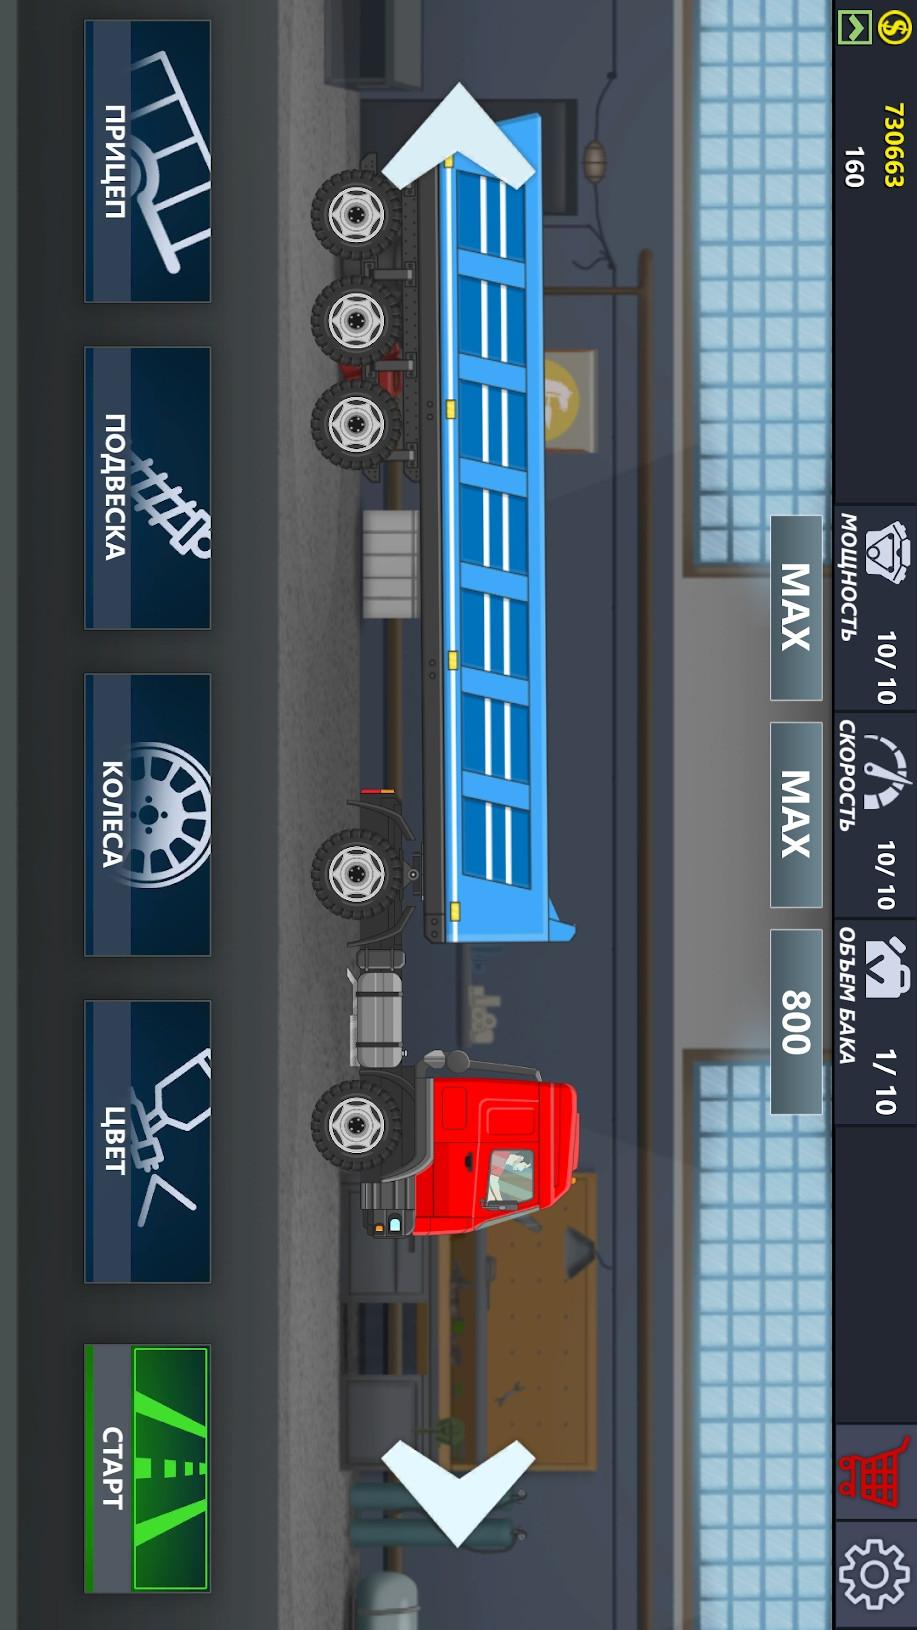 卡车司机模拟器最新破解版游戏截图